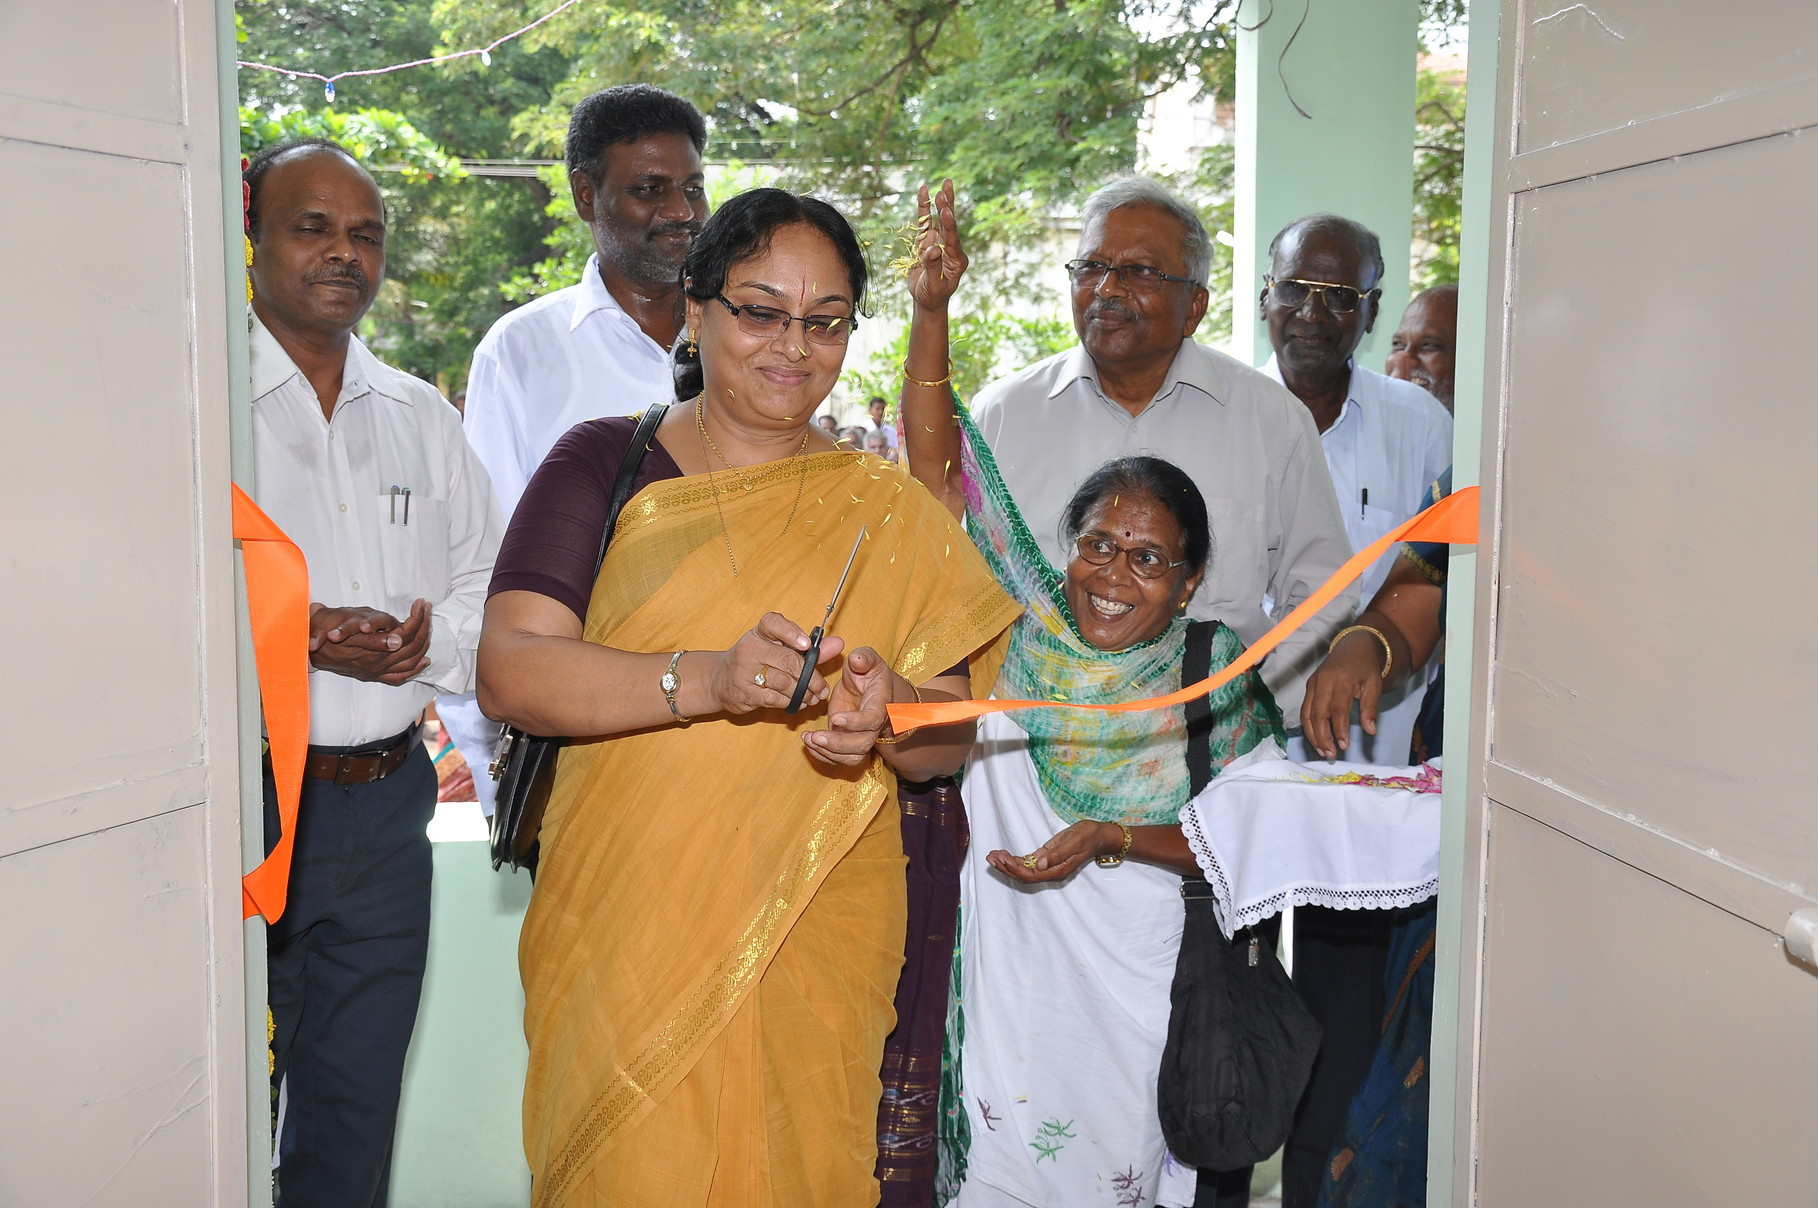 Découpe du ruban par Mme Kanaga Selvam Govindasamy, Conseiller auprès du Consulat français à Pondichéry